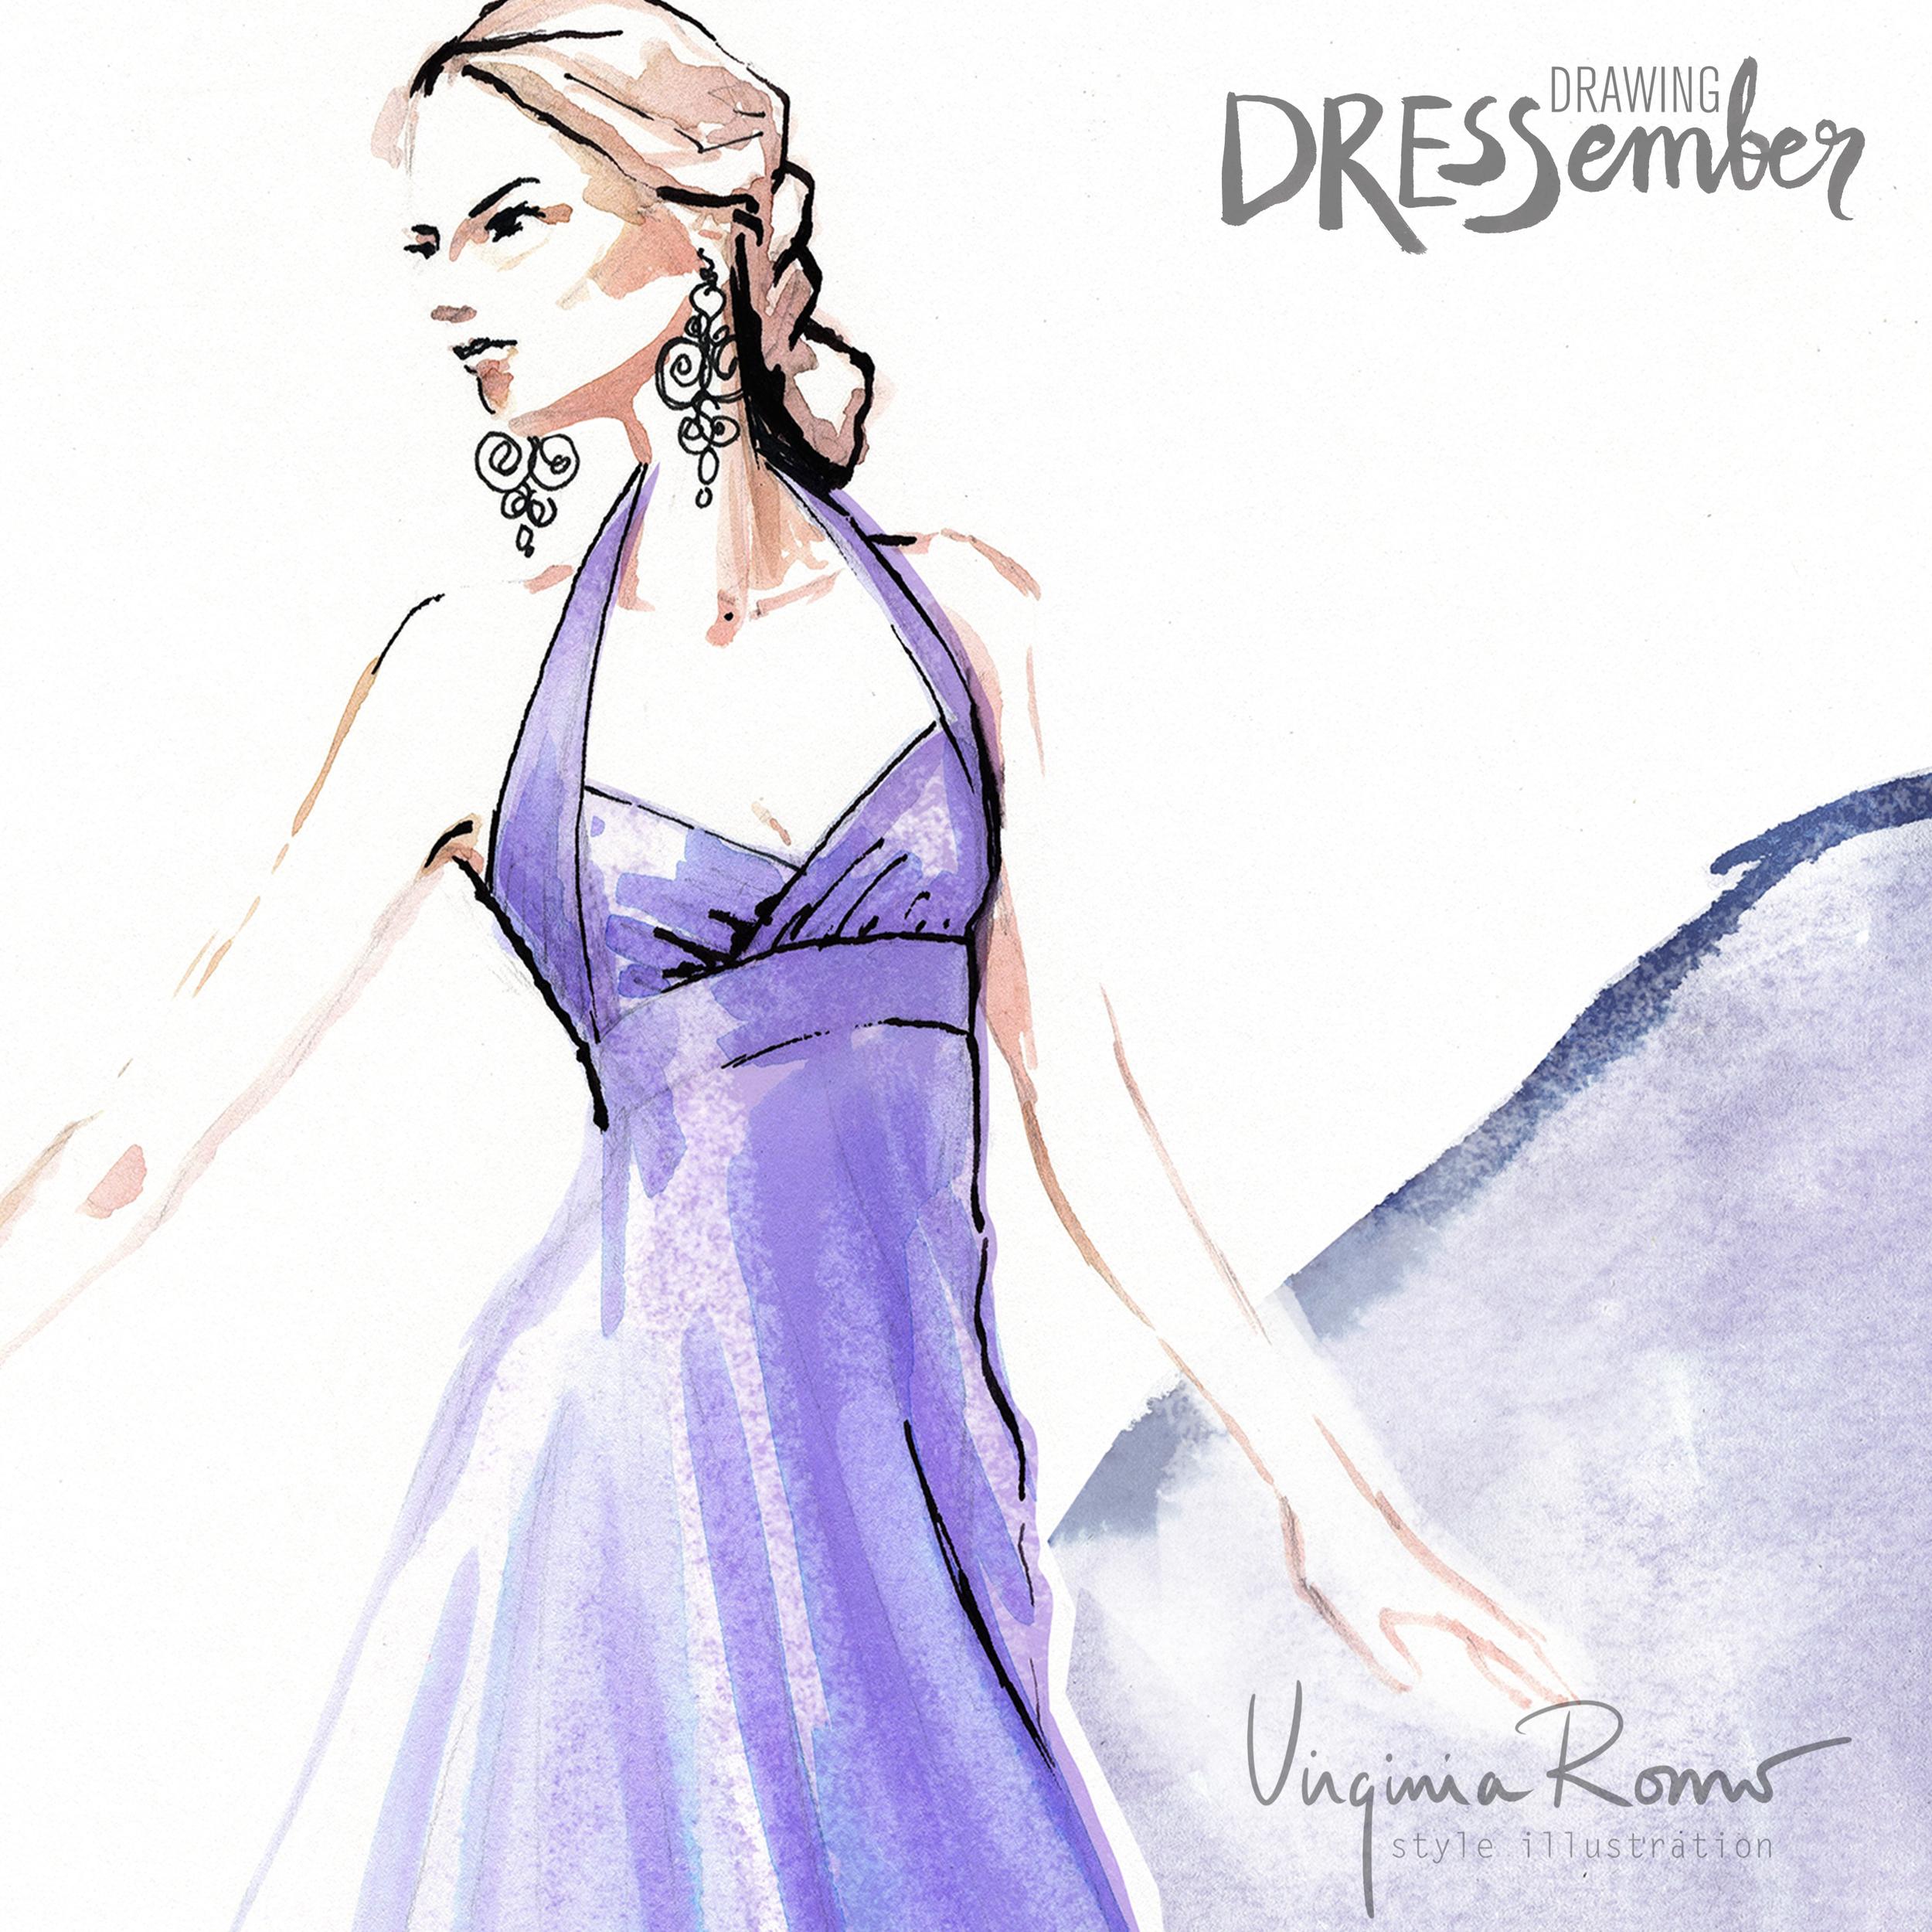 dressember-VirginiaRomoIllustration-12-Eva-IG-BIG.jpg